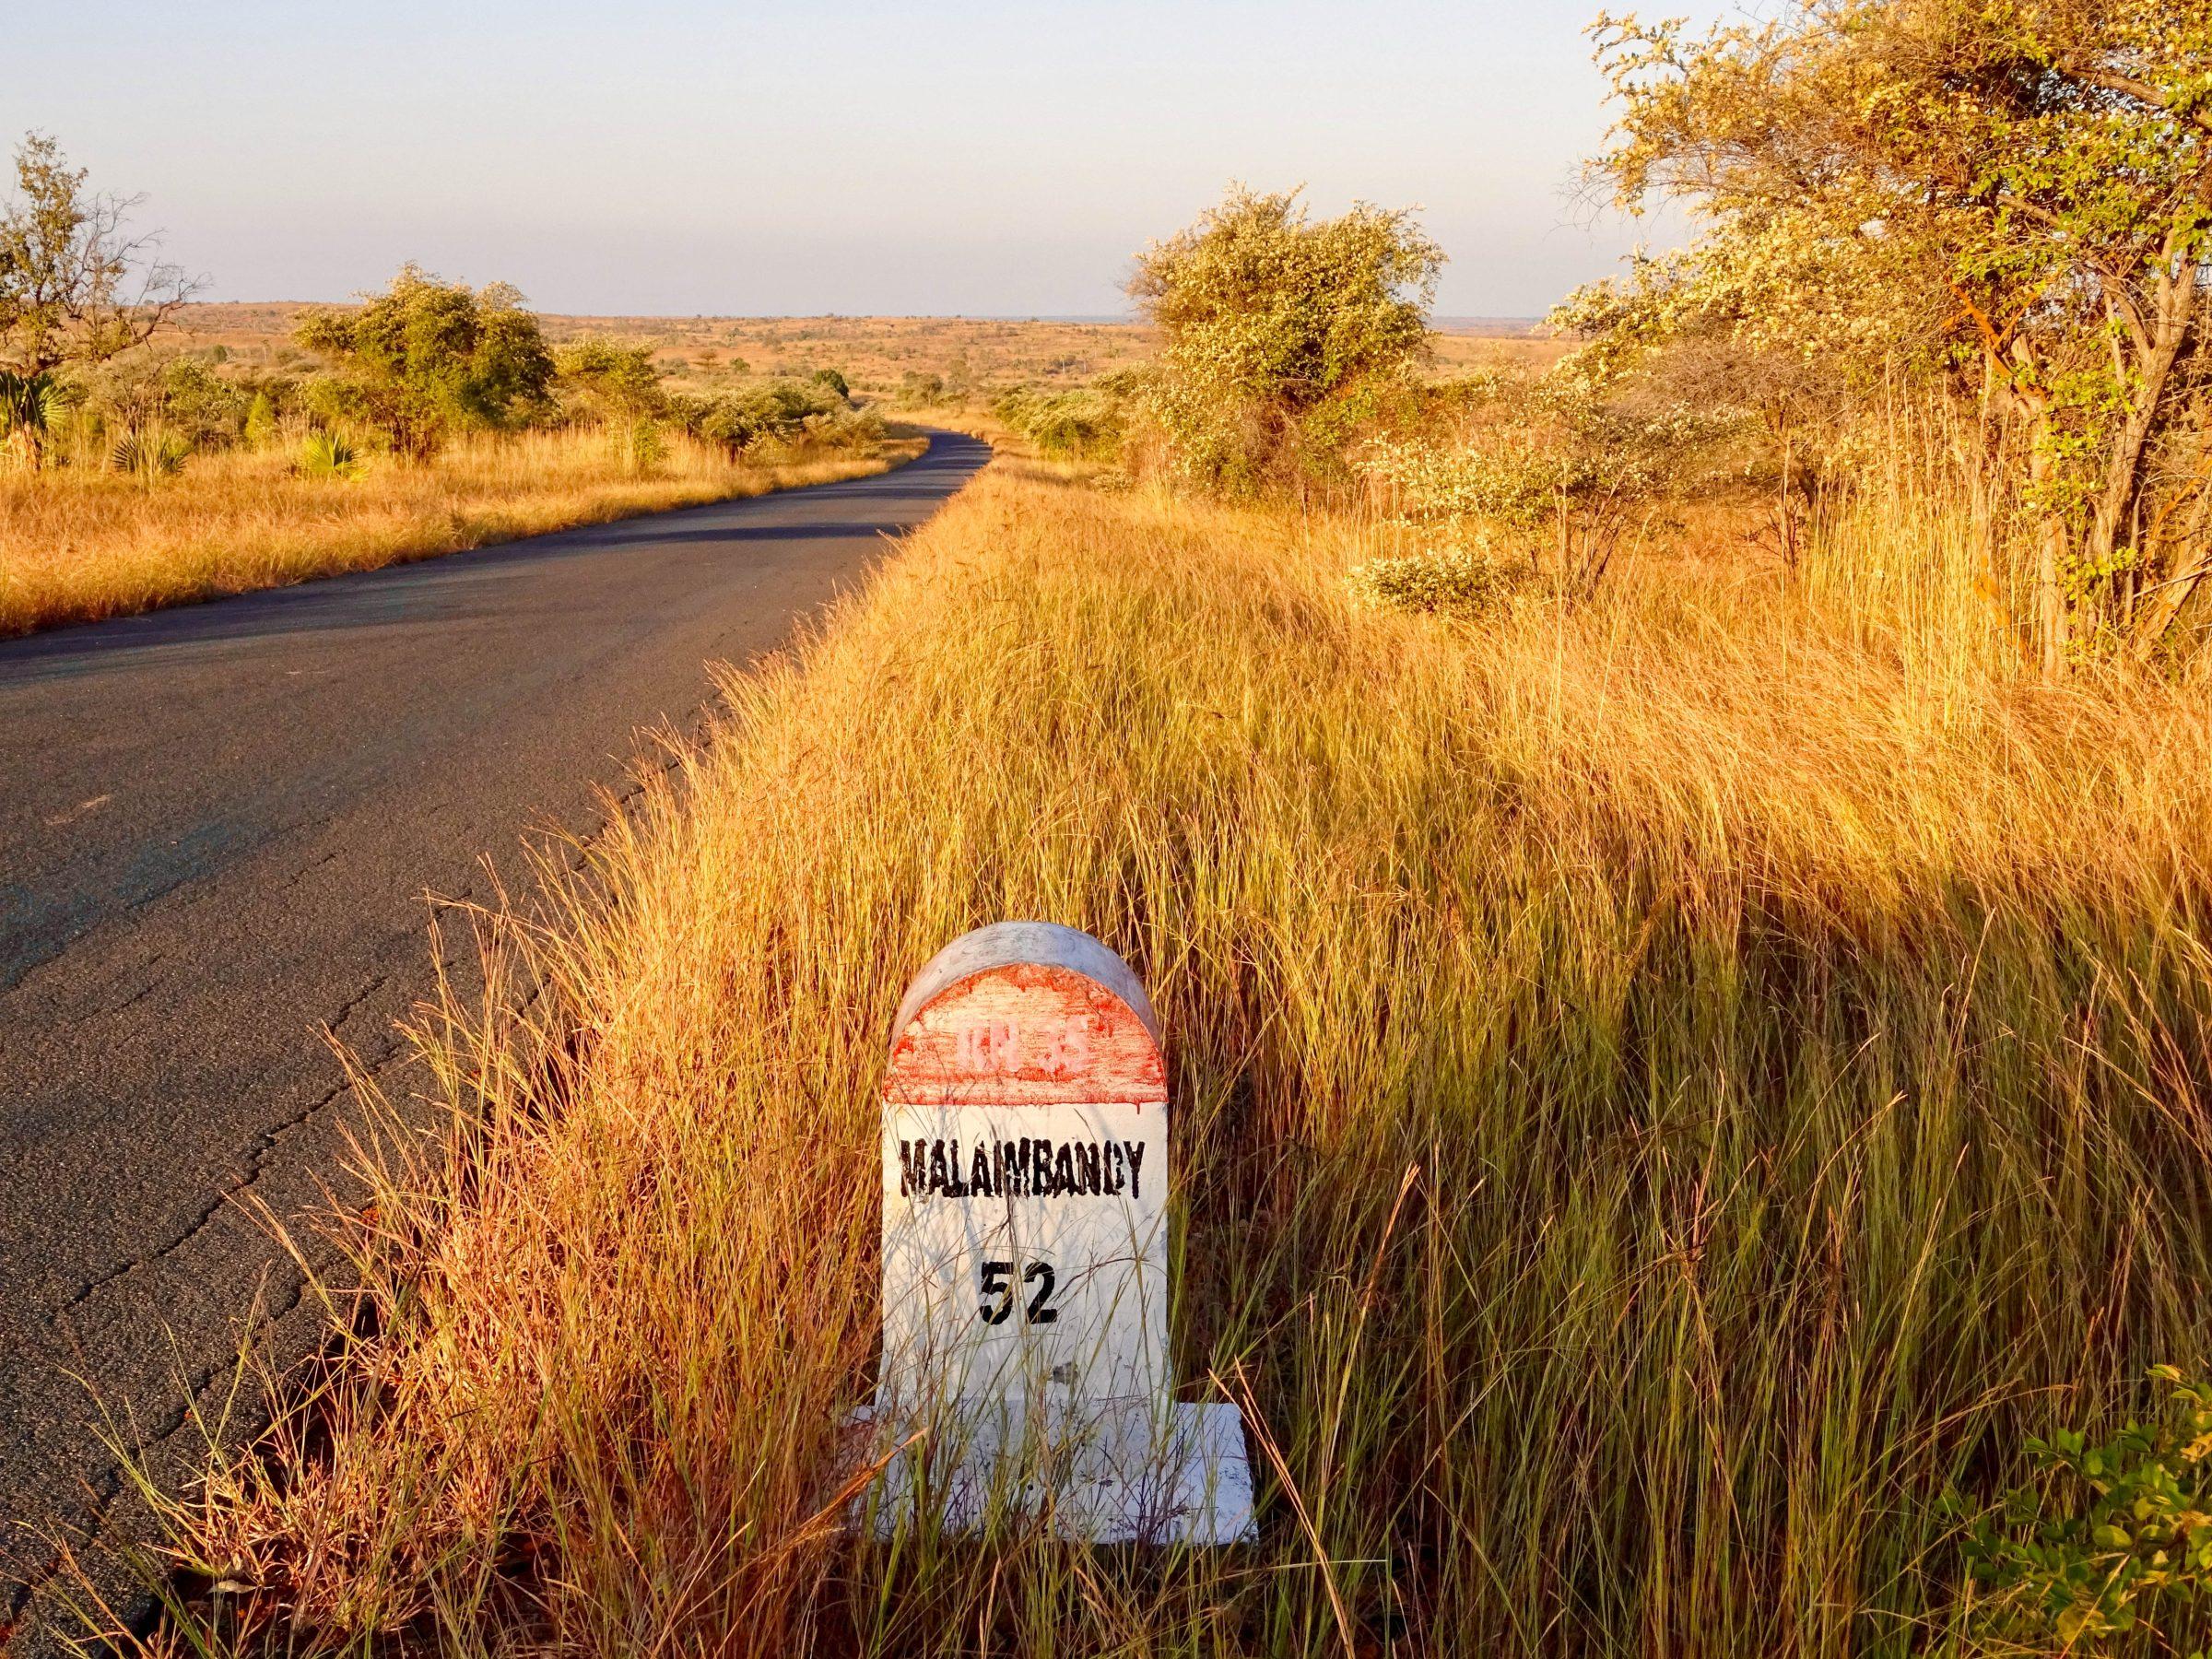 Malaimbandy nog 52 km